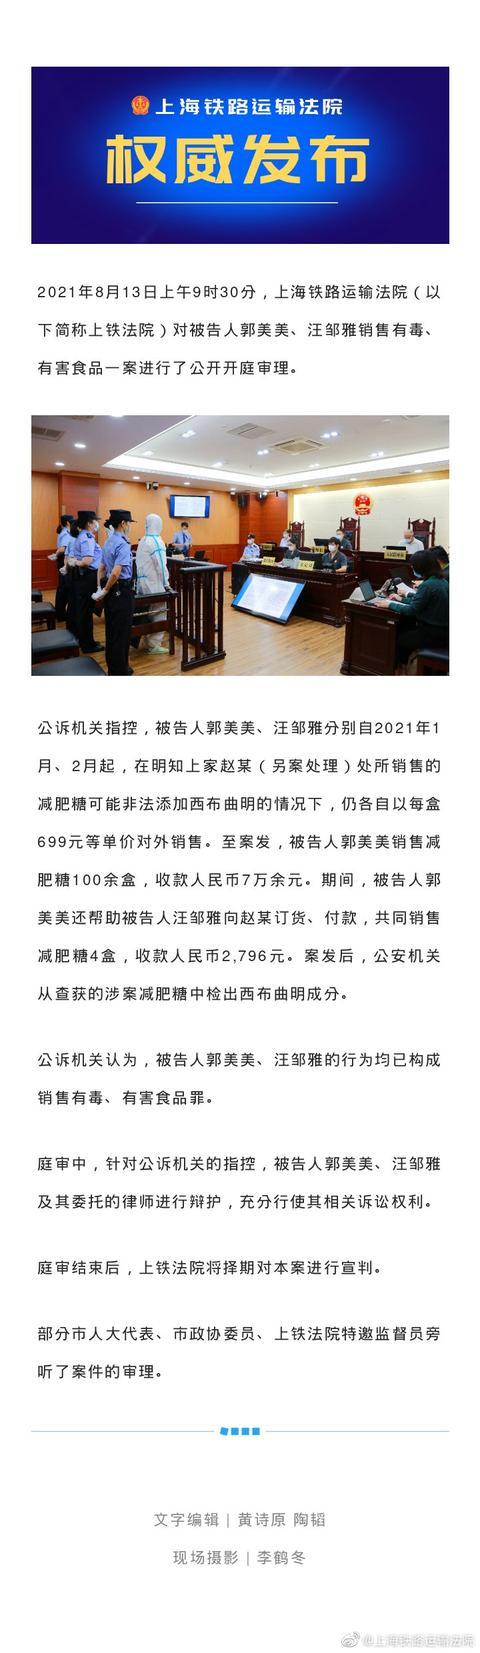 郭美美、汪邹雅销售有毒、有害食品案开审,将择期宣判